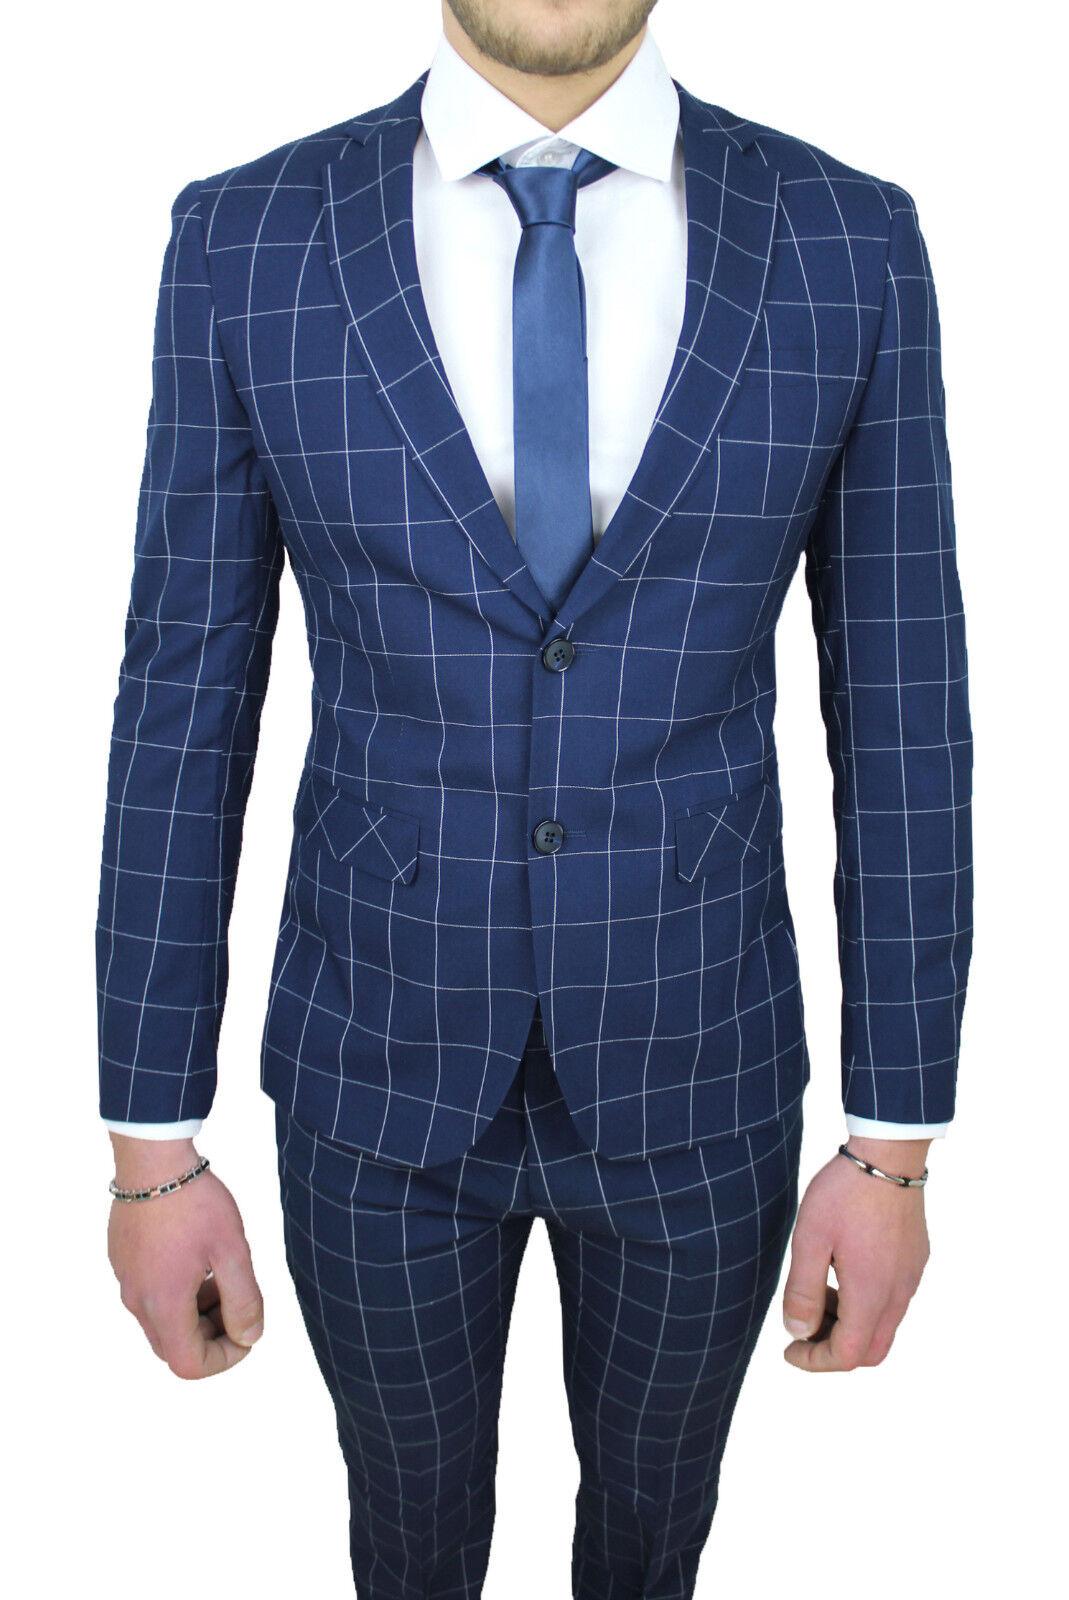 Kleid komplette Mann Diamant sartoriale blau Fantasie Kader élégant da 44 a 58